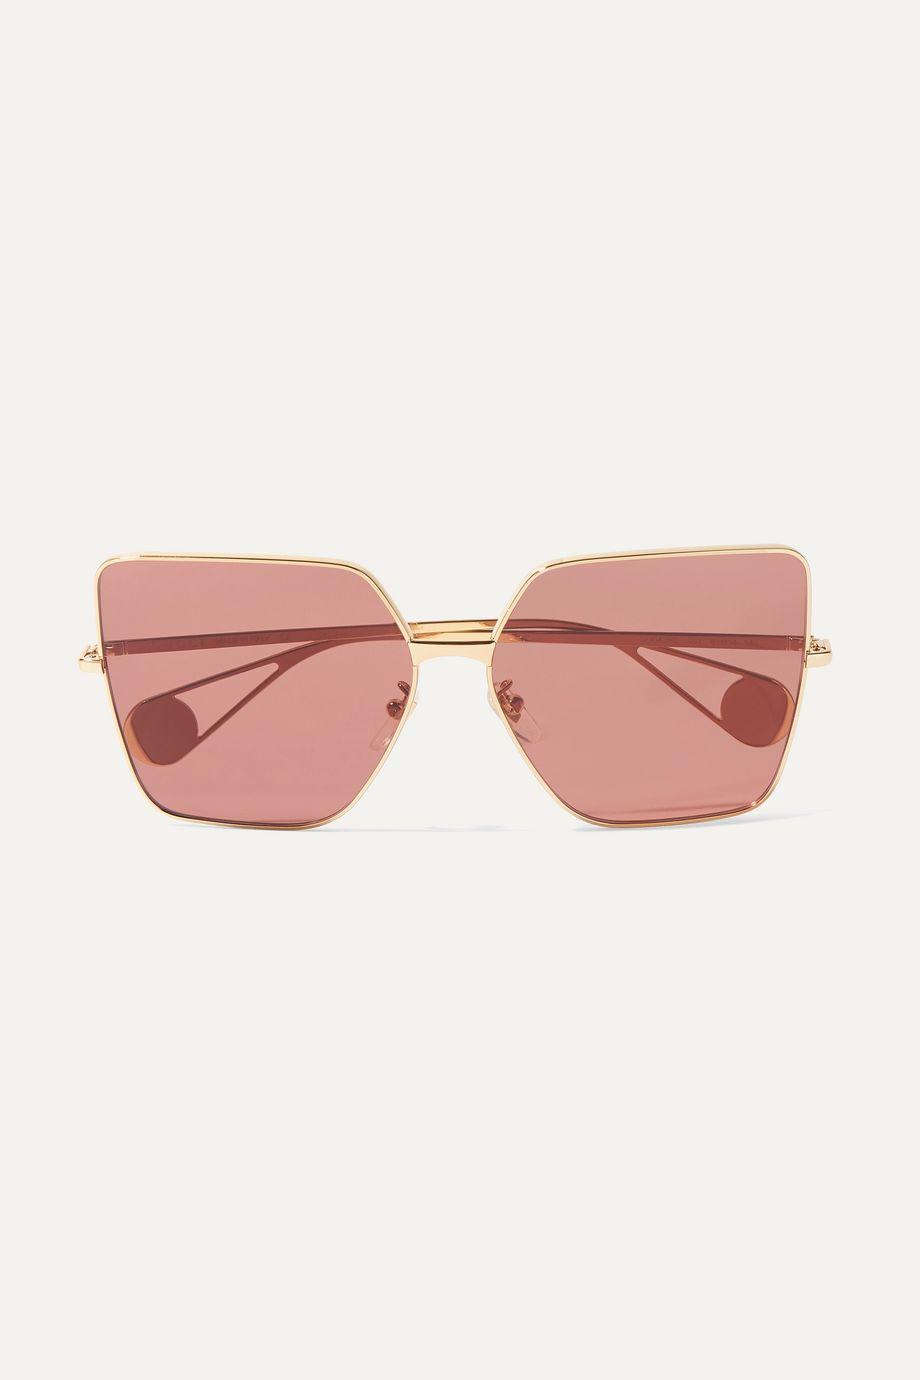 Gucci Square-frame gold-tone sunglasses